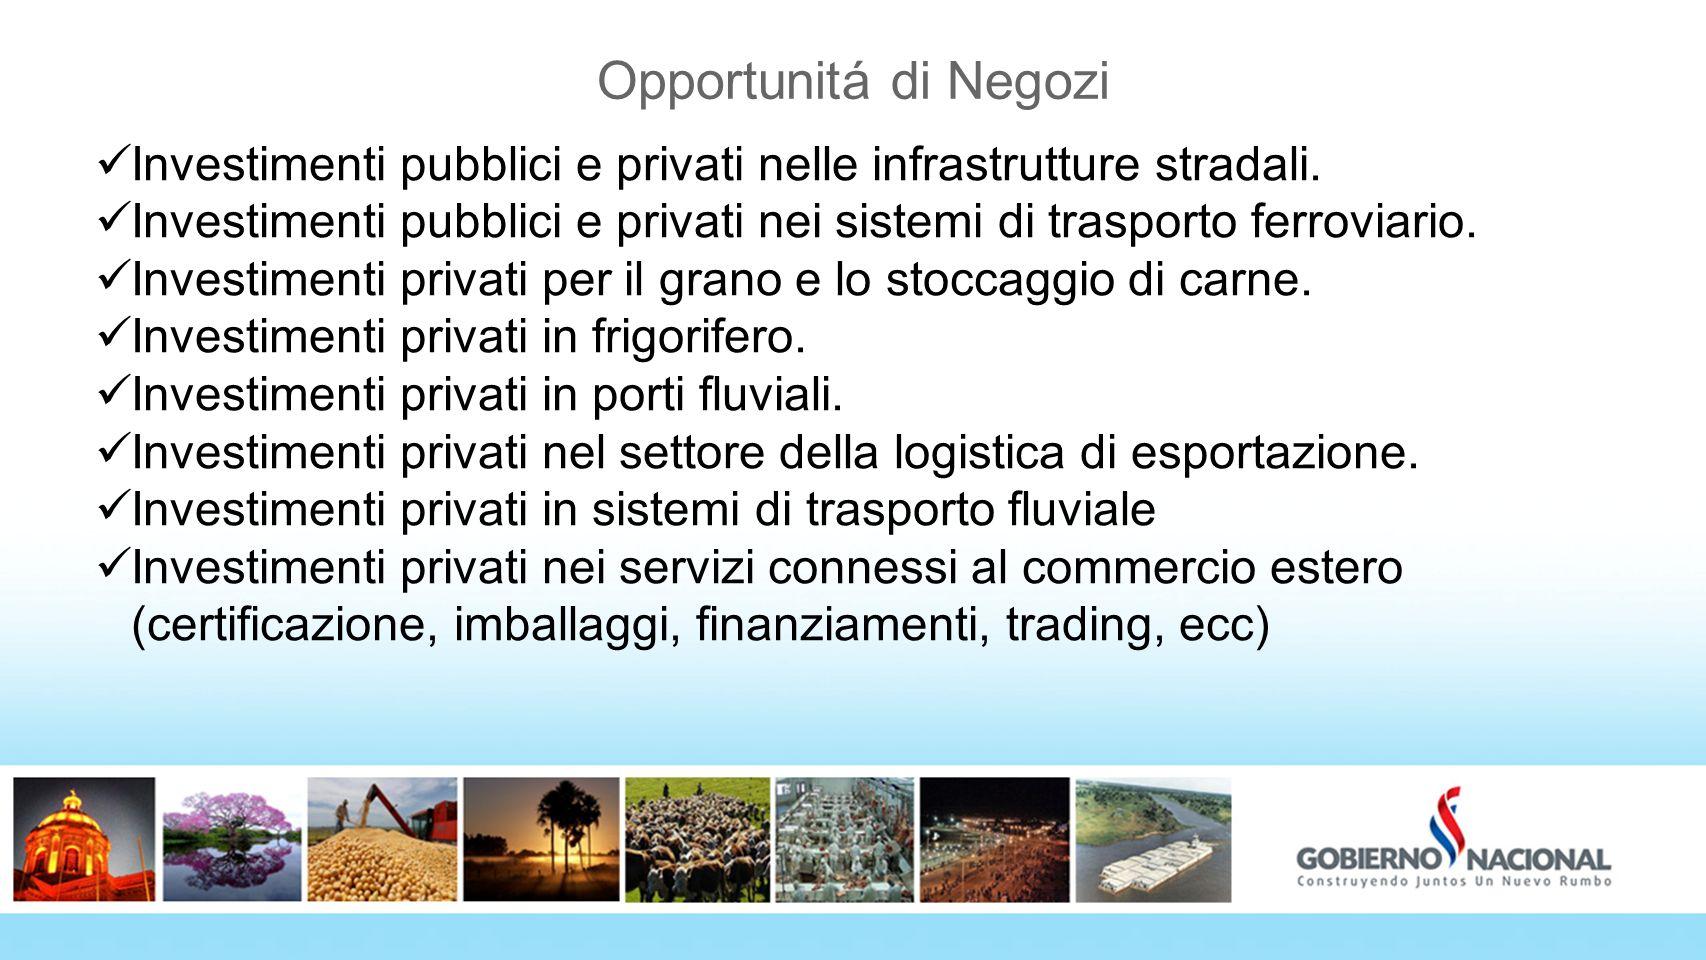 3232 Opportunitá di Negozi. Investimenti pubblici e privati nelle infrastrutture stradali.